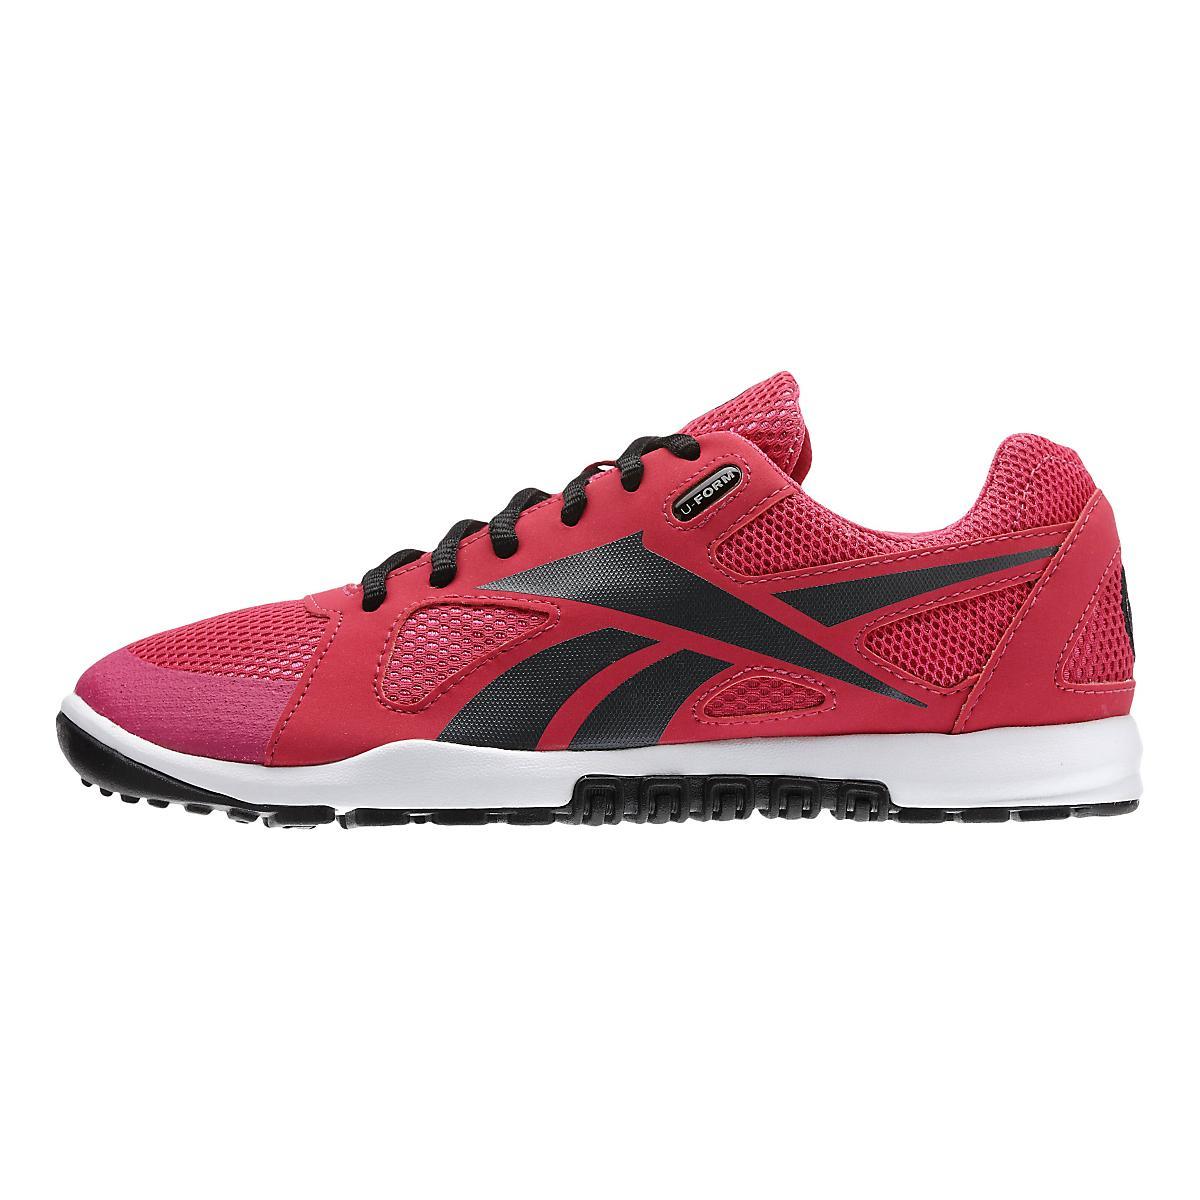 Reebok Crossfit Sprint Tr Training Shoes Womens